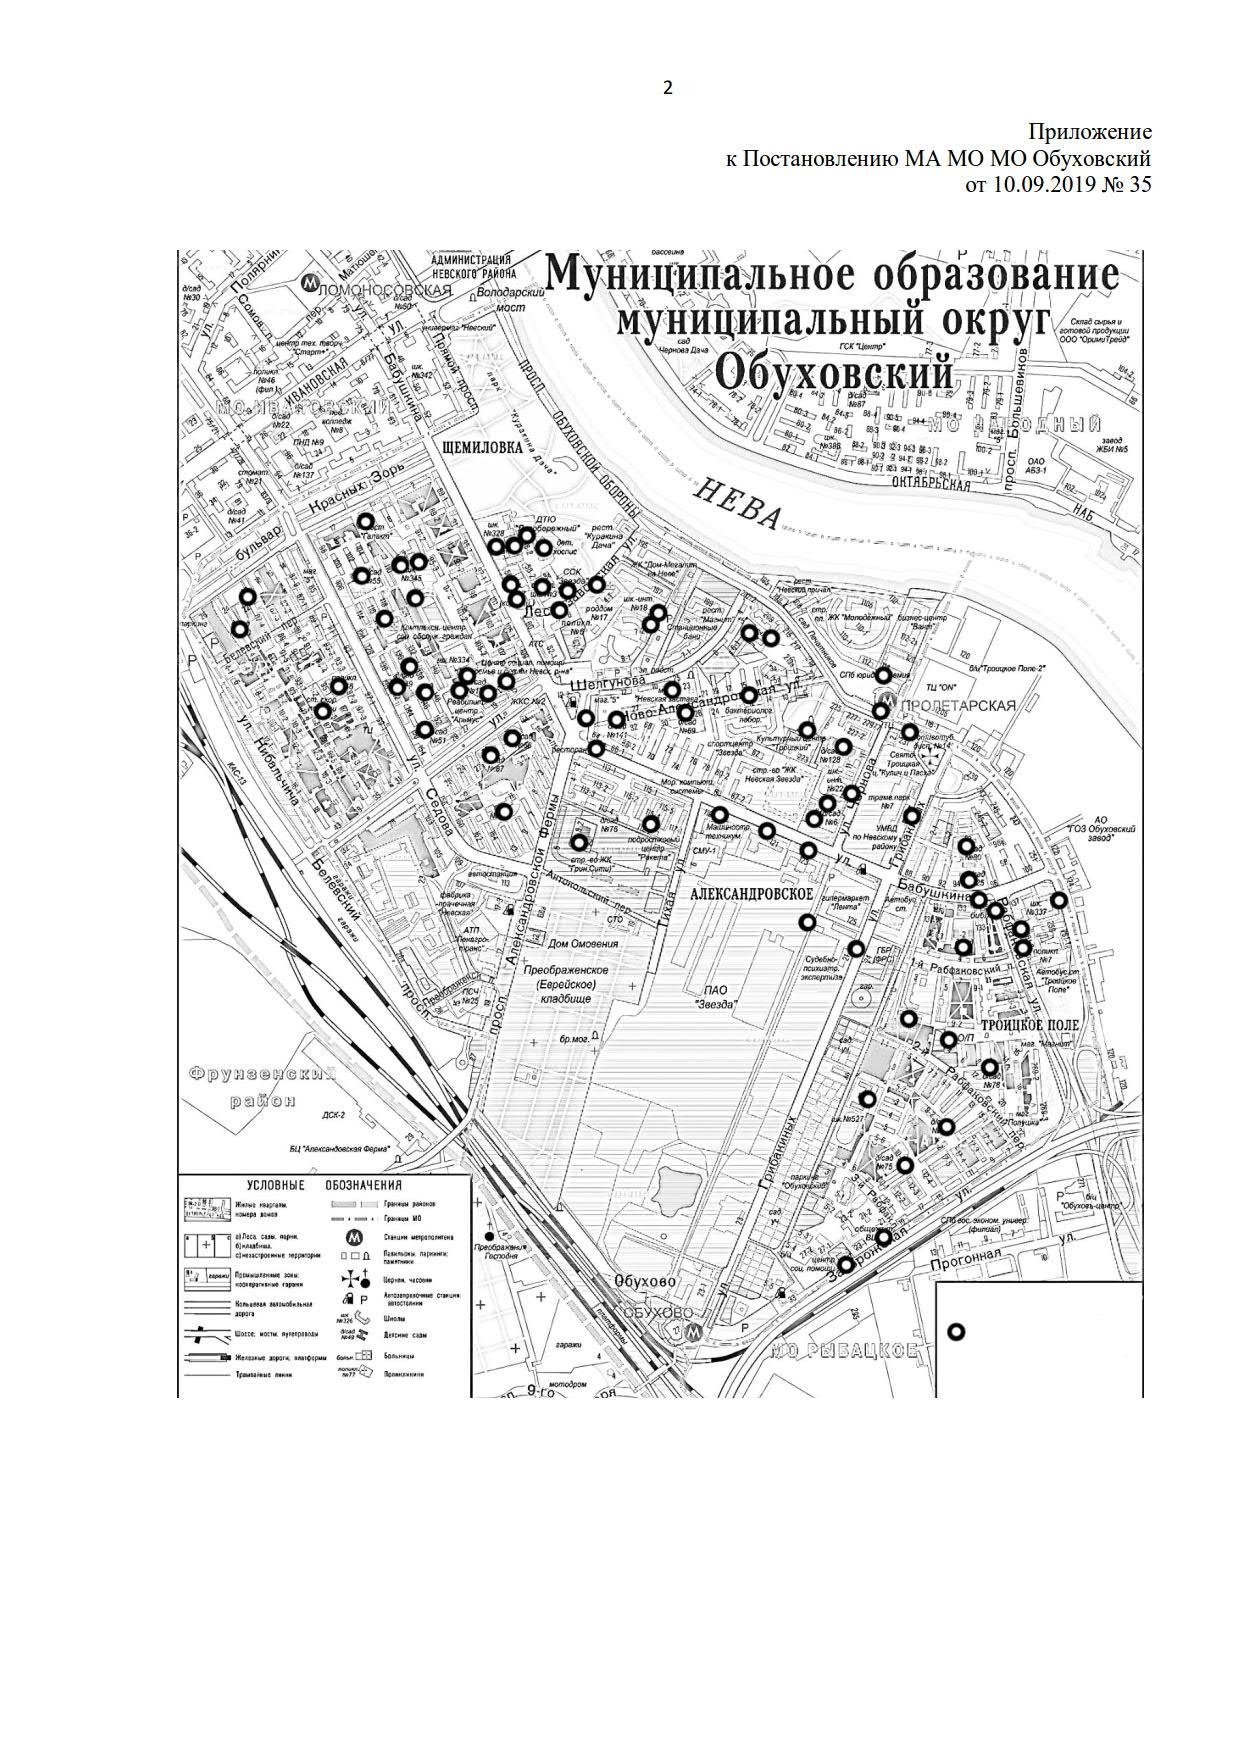 П. 35 АЛКОГОЛЬ изменения -2_1